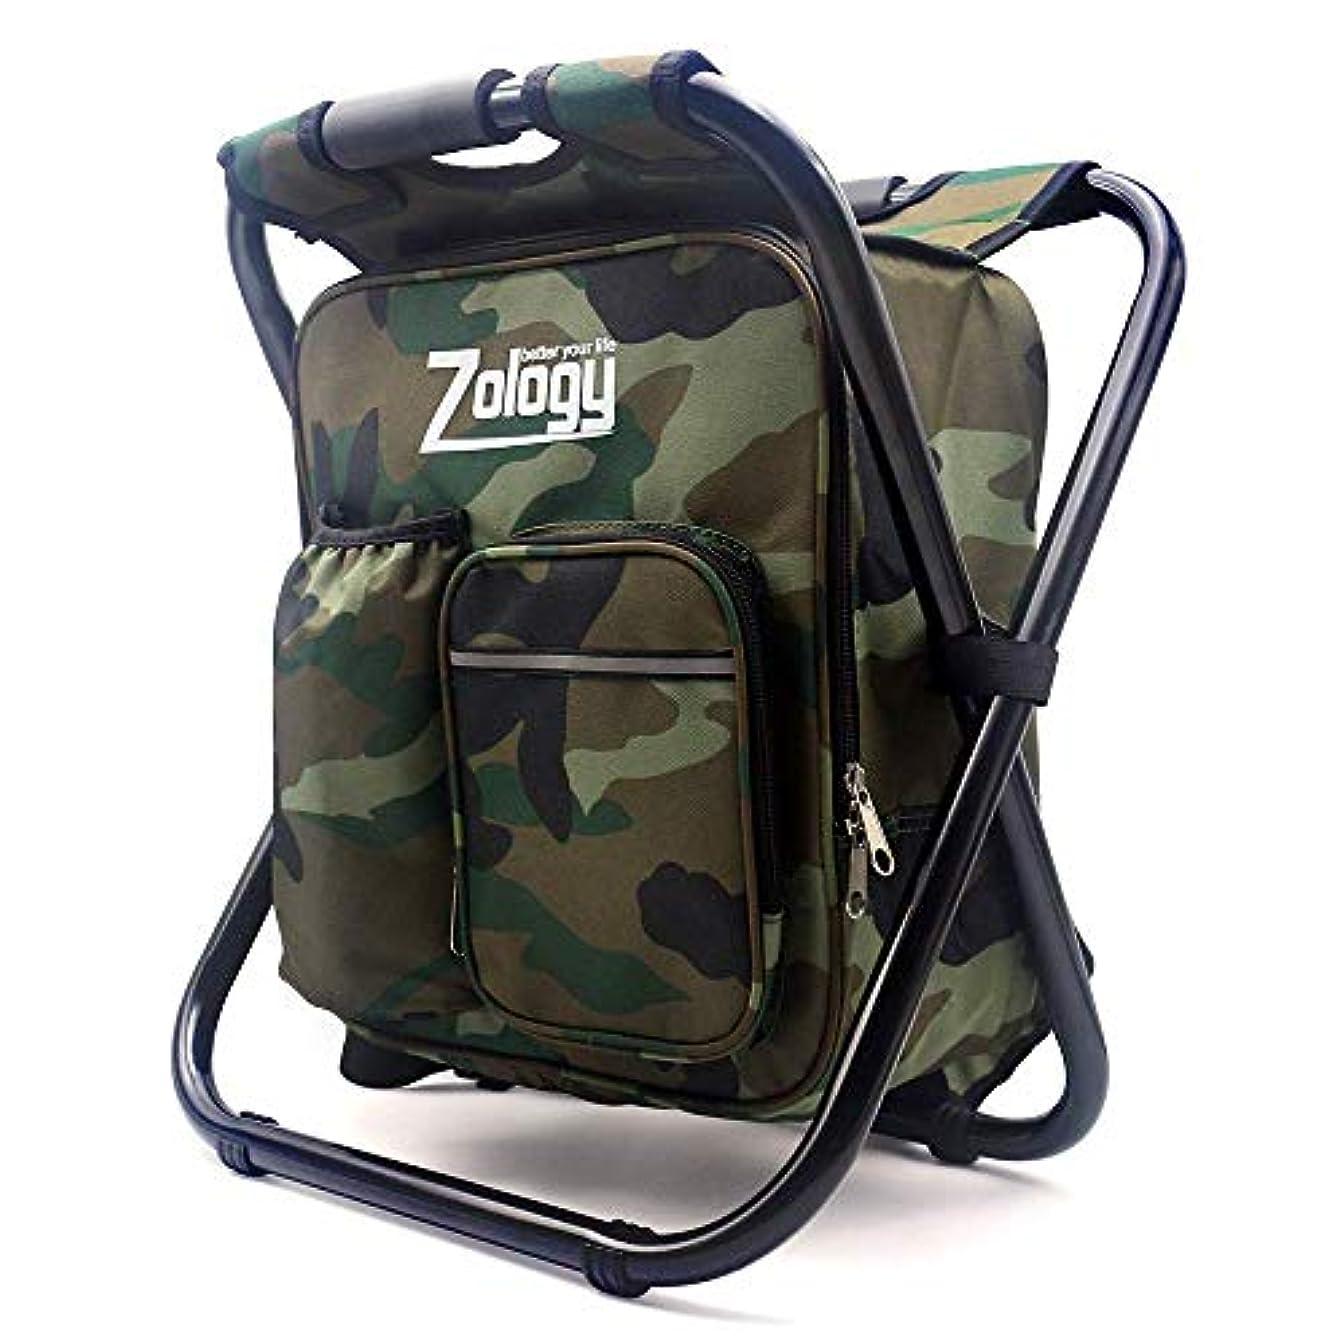 代表するオフ醜いCAMPORT Folding Camping Chair Stool Backpack with Cooler Insulated Picnic Bag, Hiking Camouflage Seat Table Bag Camping Gear for Outdoor Indoor Fishing Travel Beach BBQ [並行輸入品]